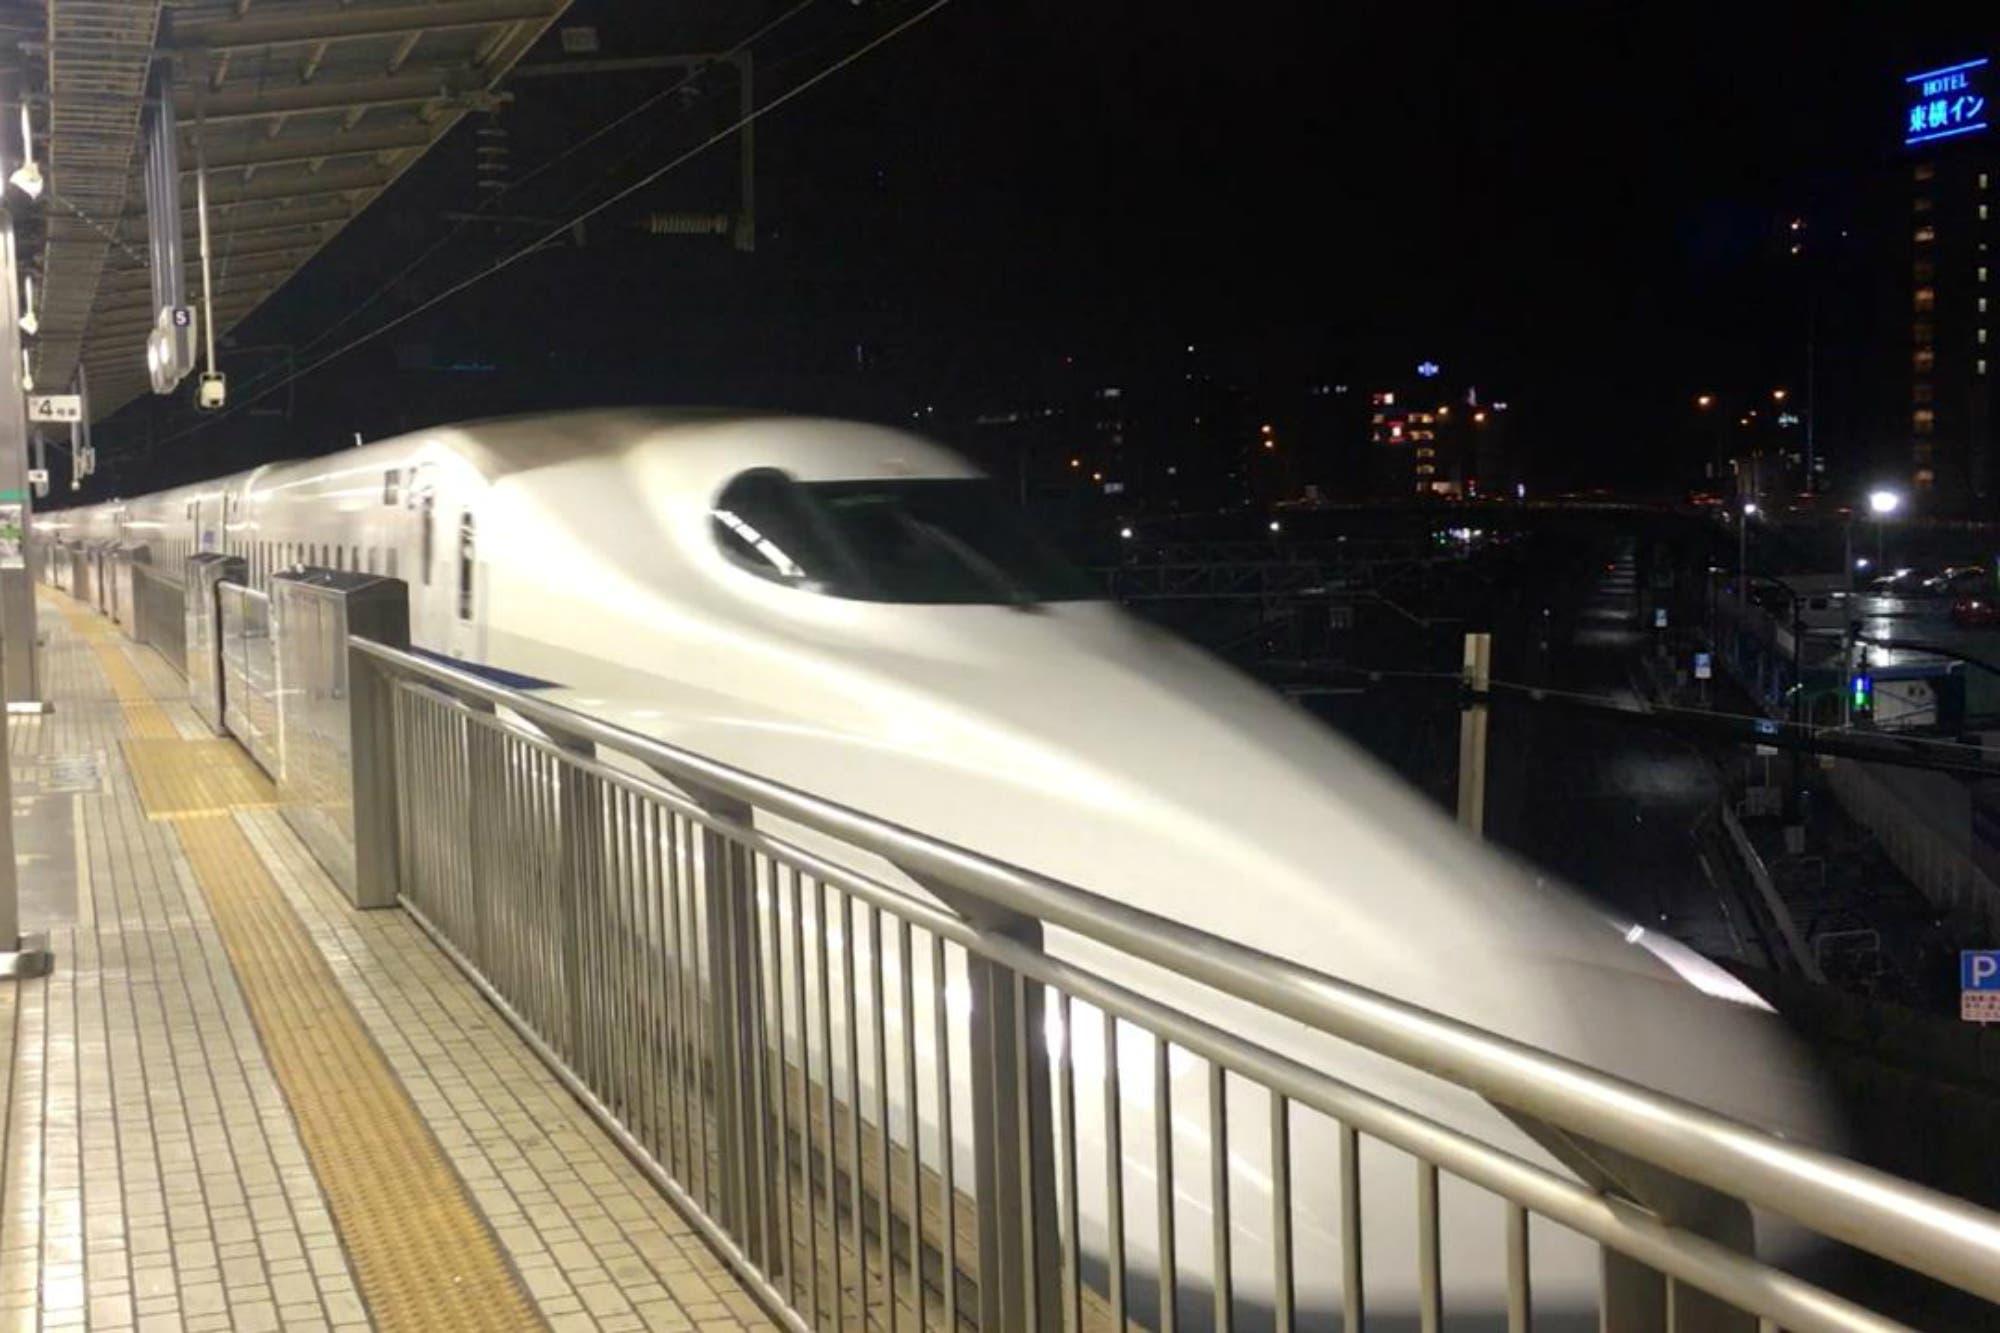 Mundial de rugby. En tren bala hacia otra dimensión: la ruta del shinkansen